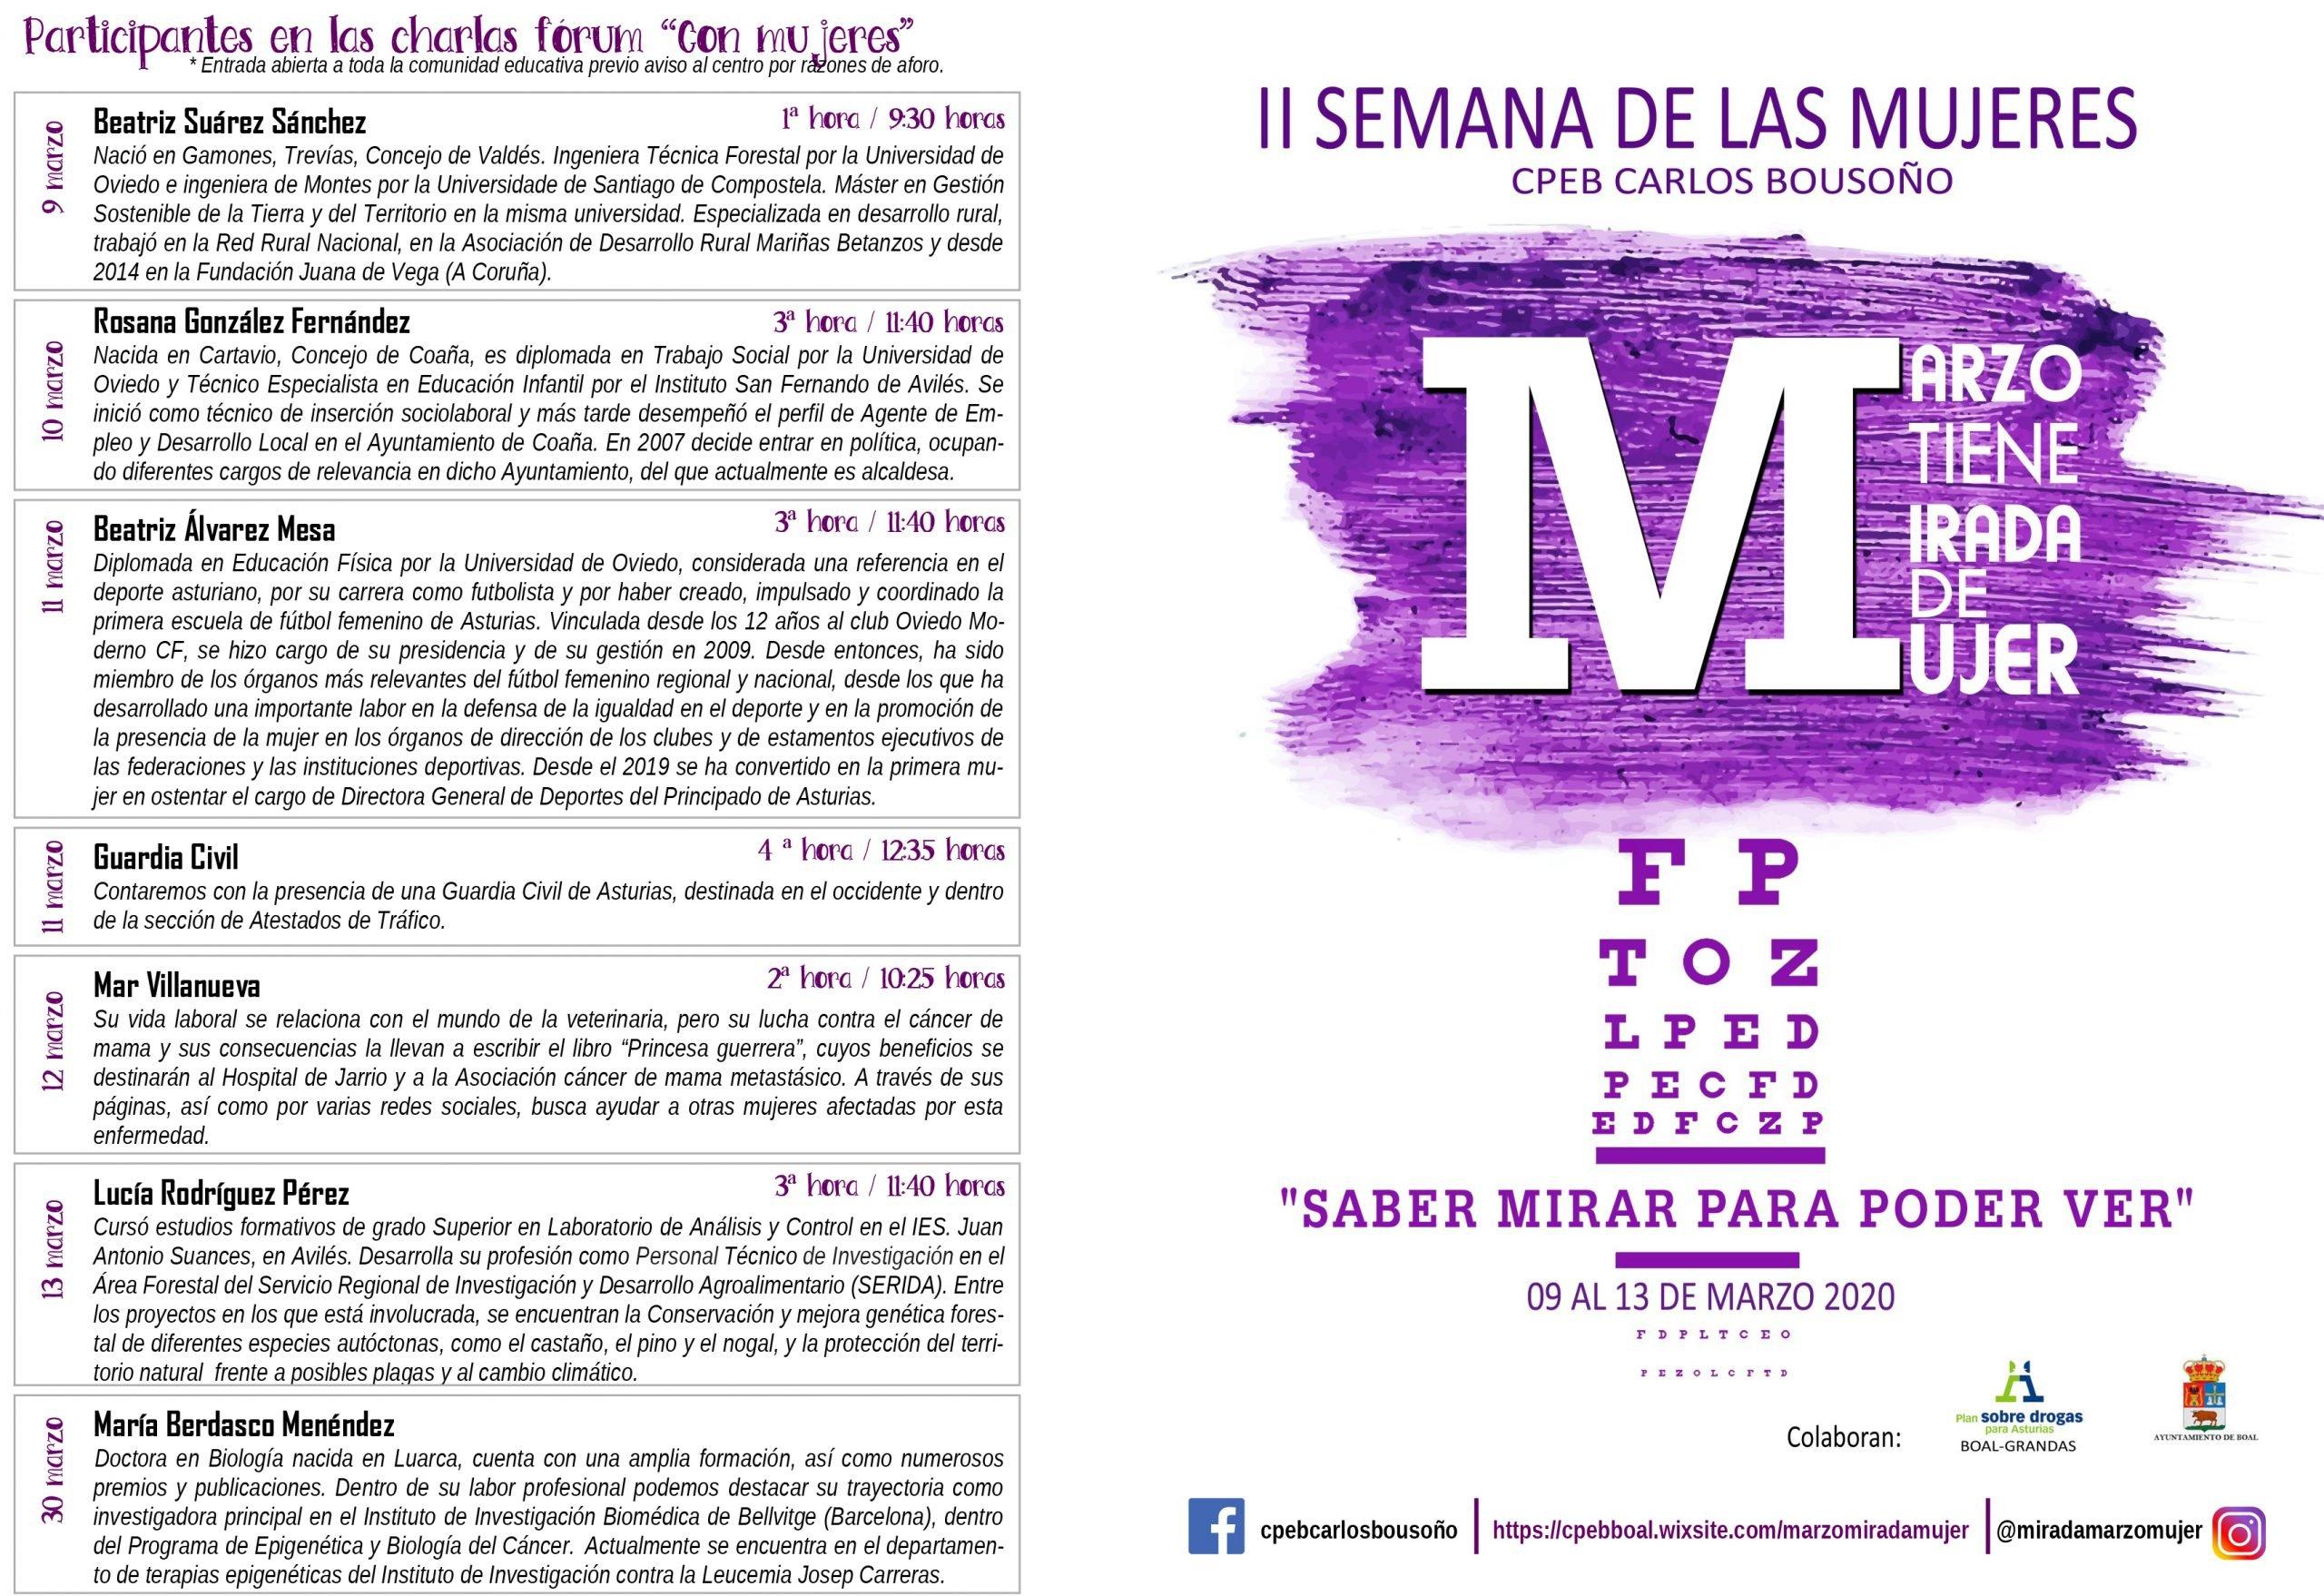 II Semana de las Mujeres en el CEPB Carlos Bousoño de Boal